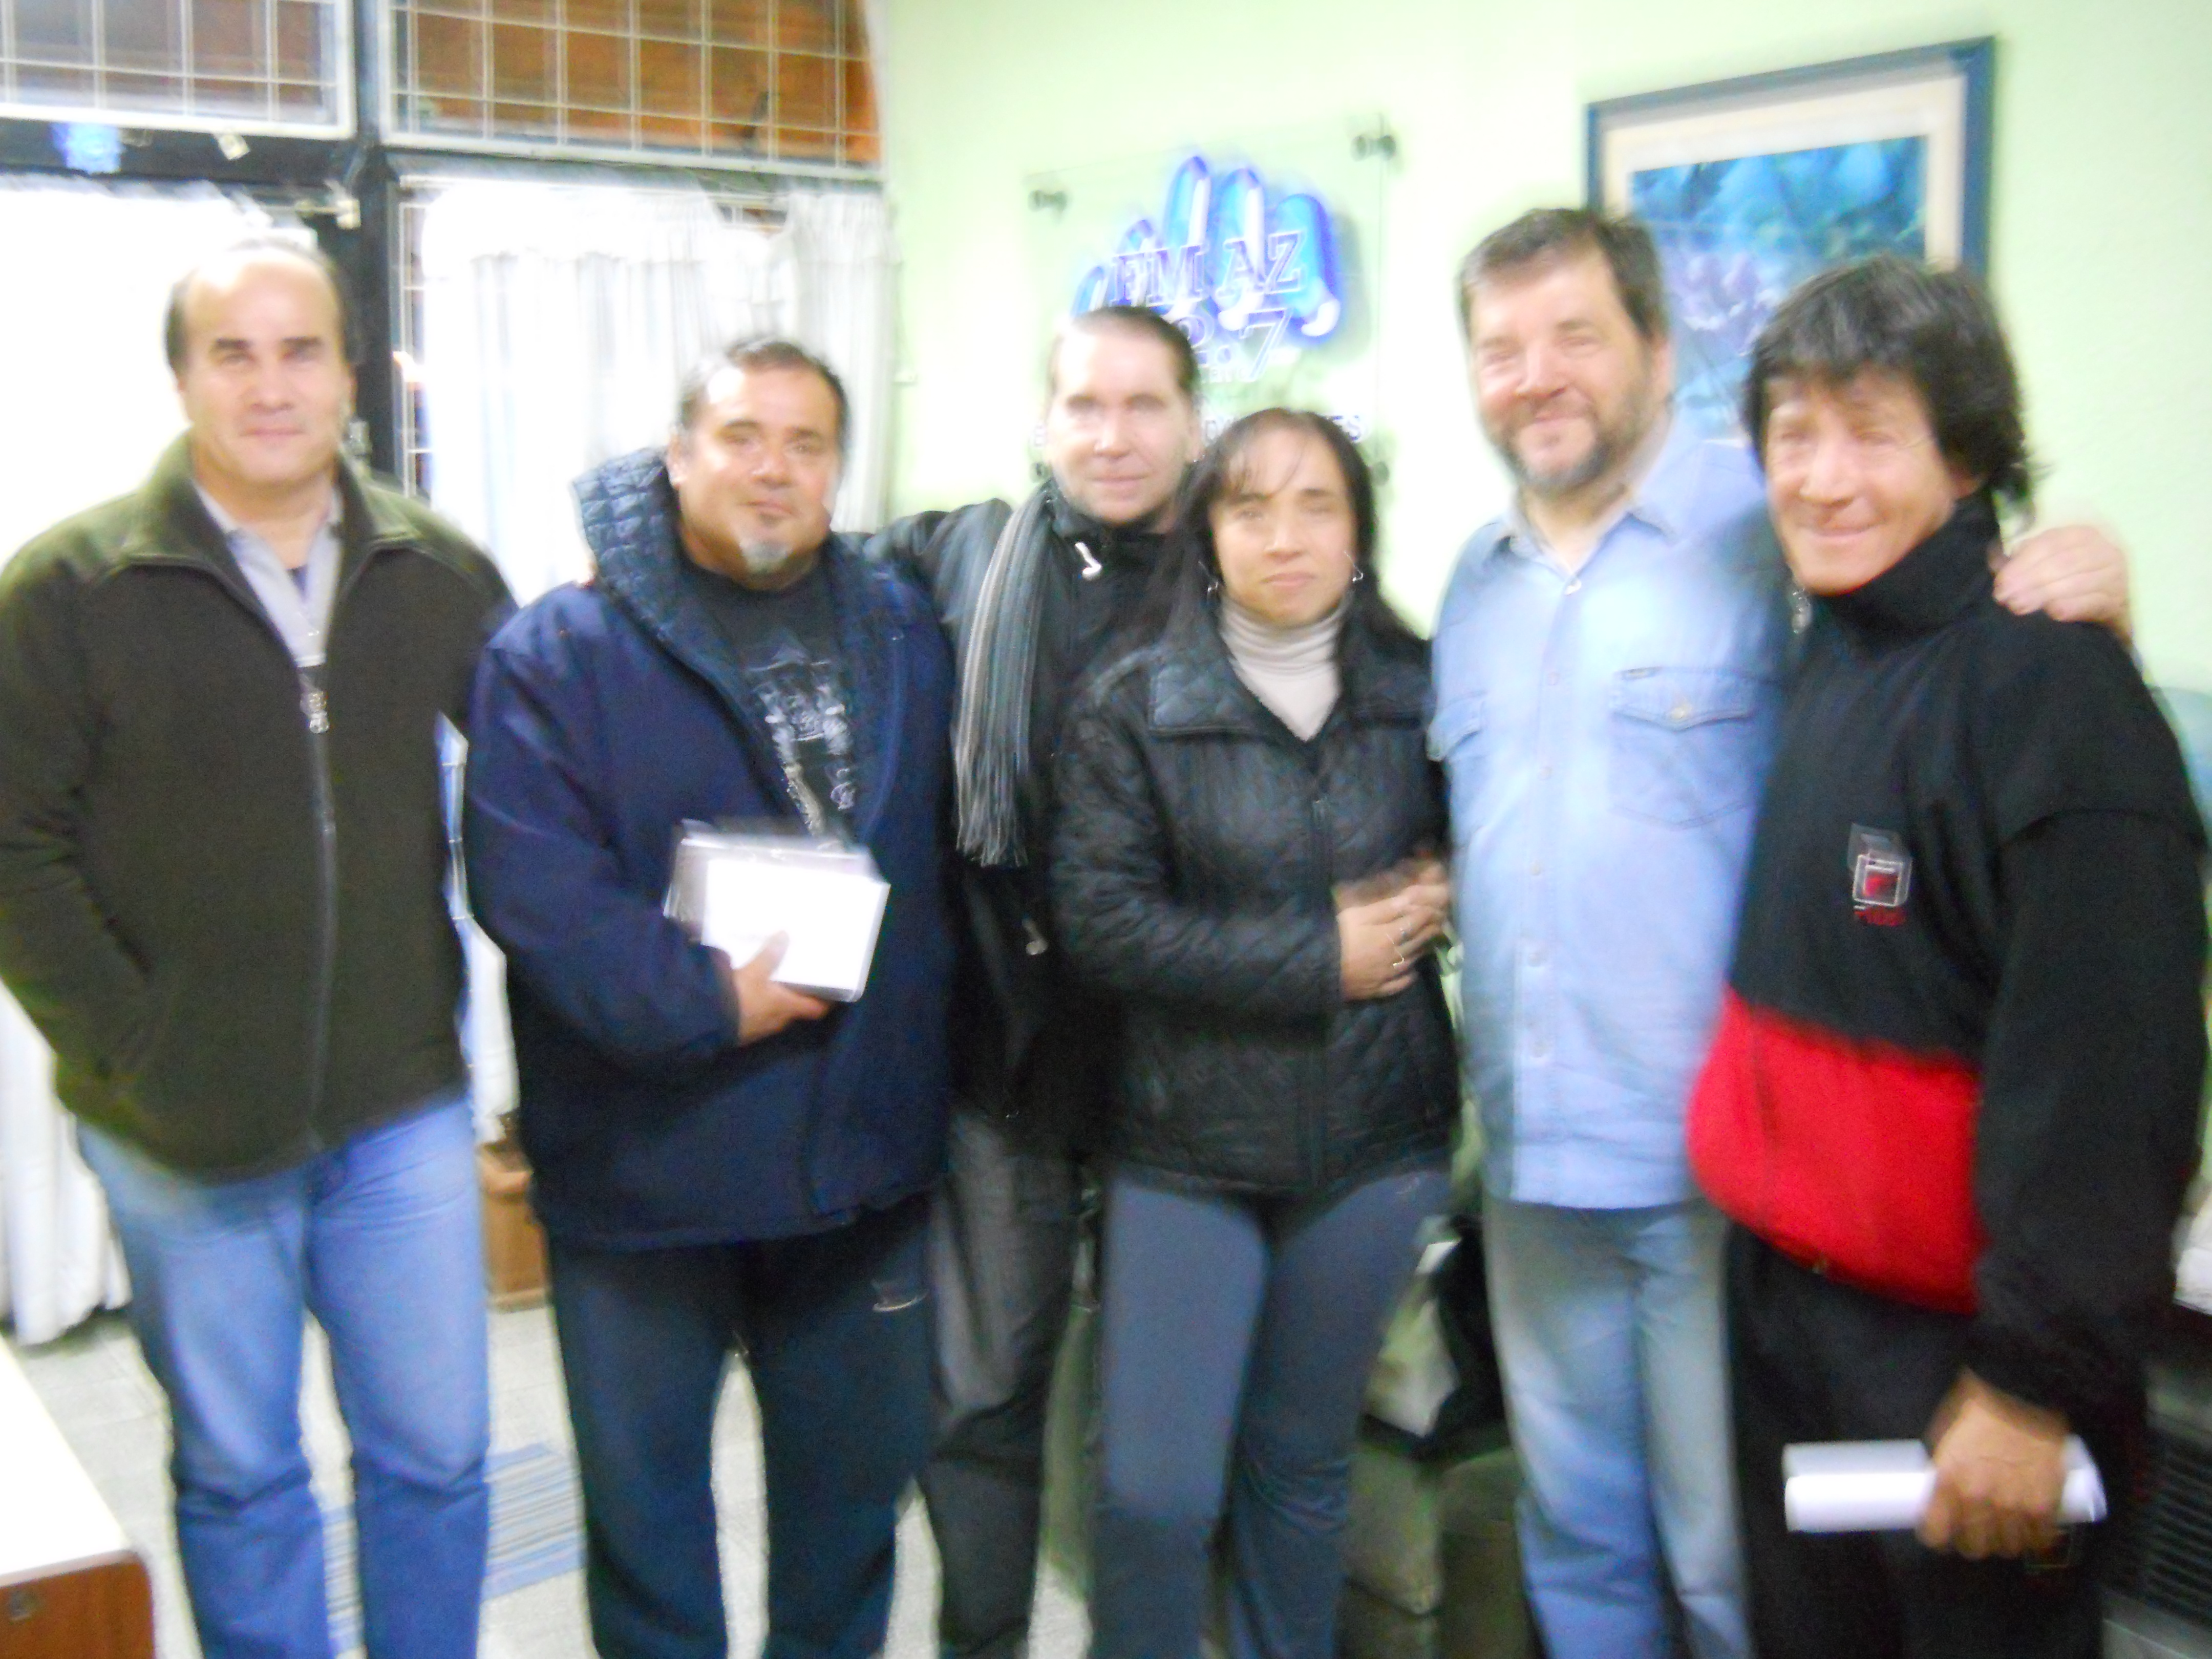 Astorga, Blanc, Zemp, Torres y Sali